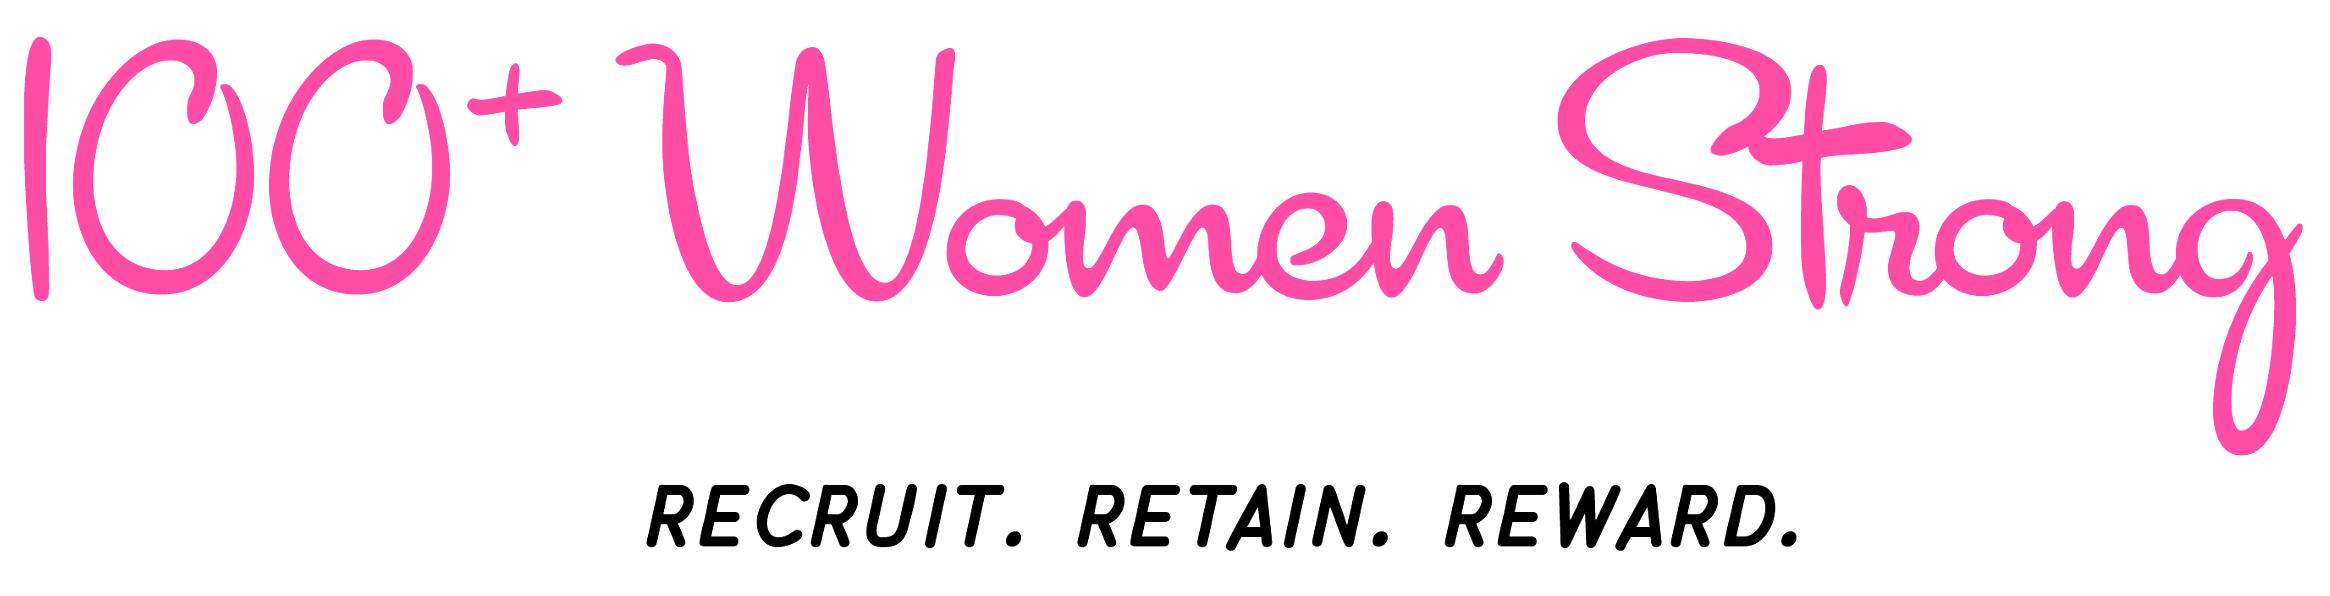 100+ Women Strong